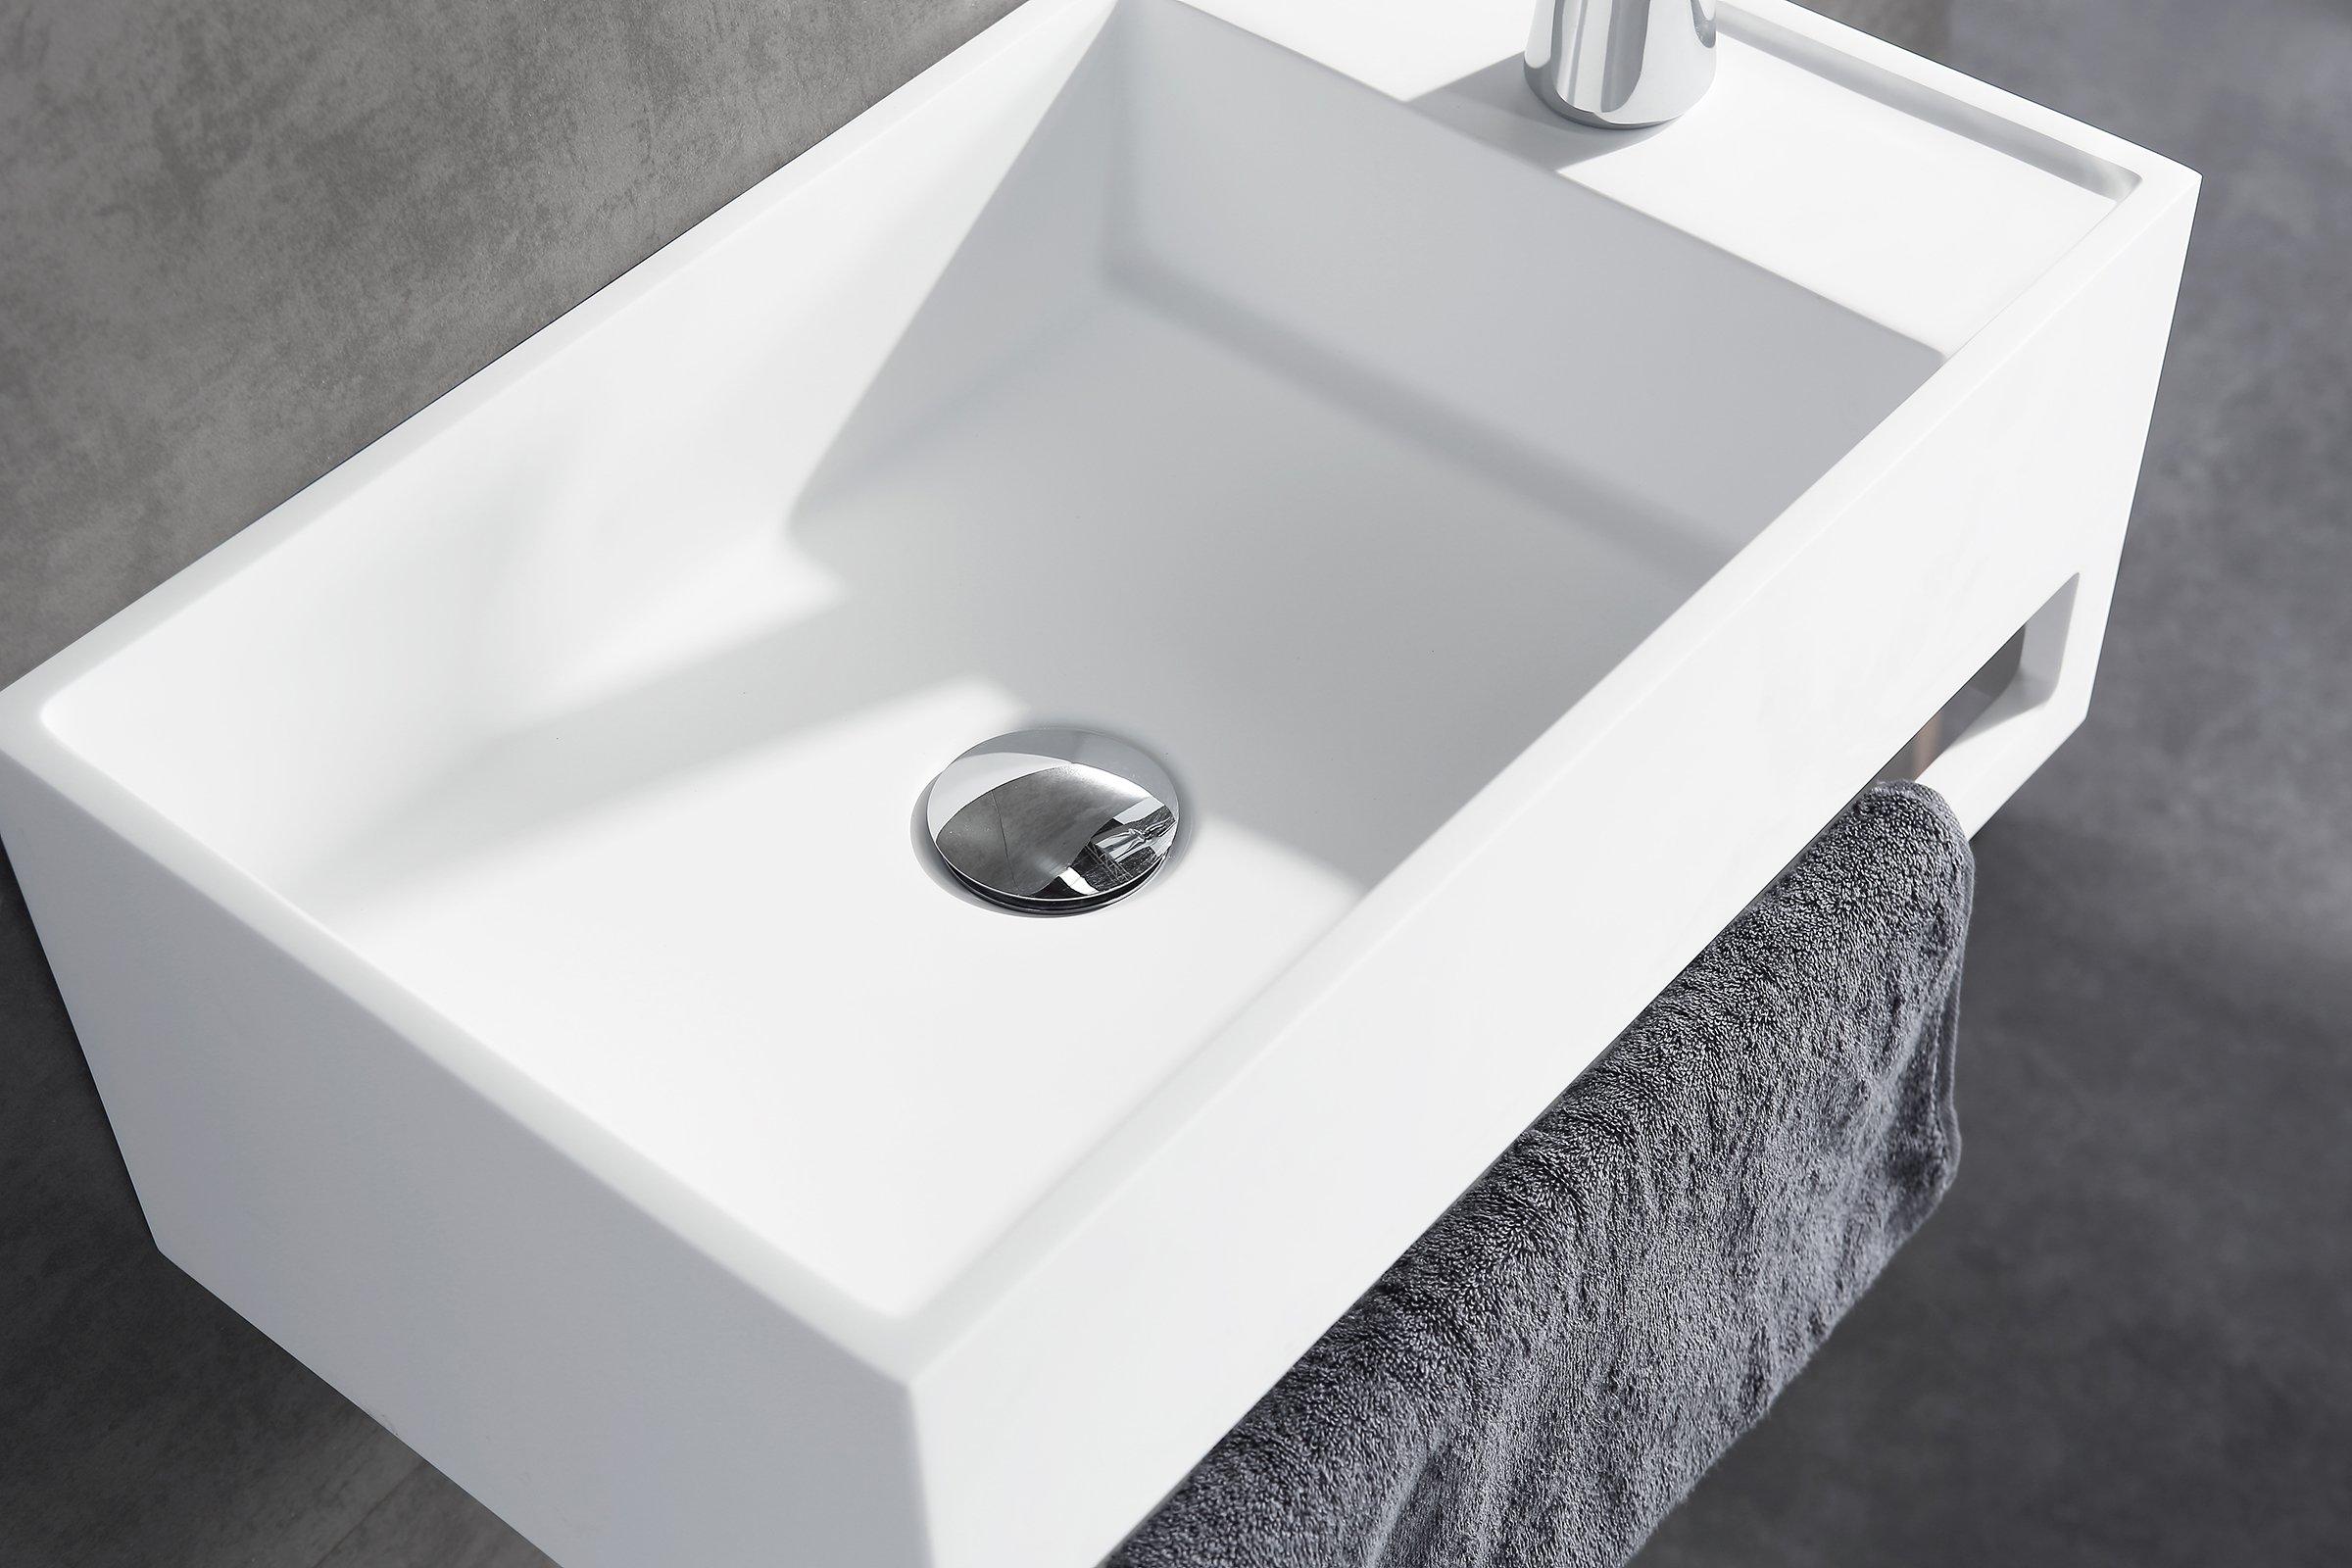 Wandwaschbecken PB2077 aus Mineralguss Solid Stone mit integriertem Handtuchhalter - 50 x 30 x 20 cm - Weiß Matt